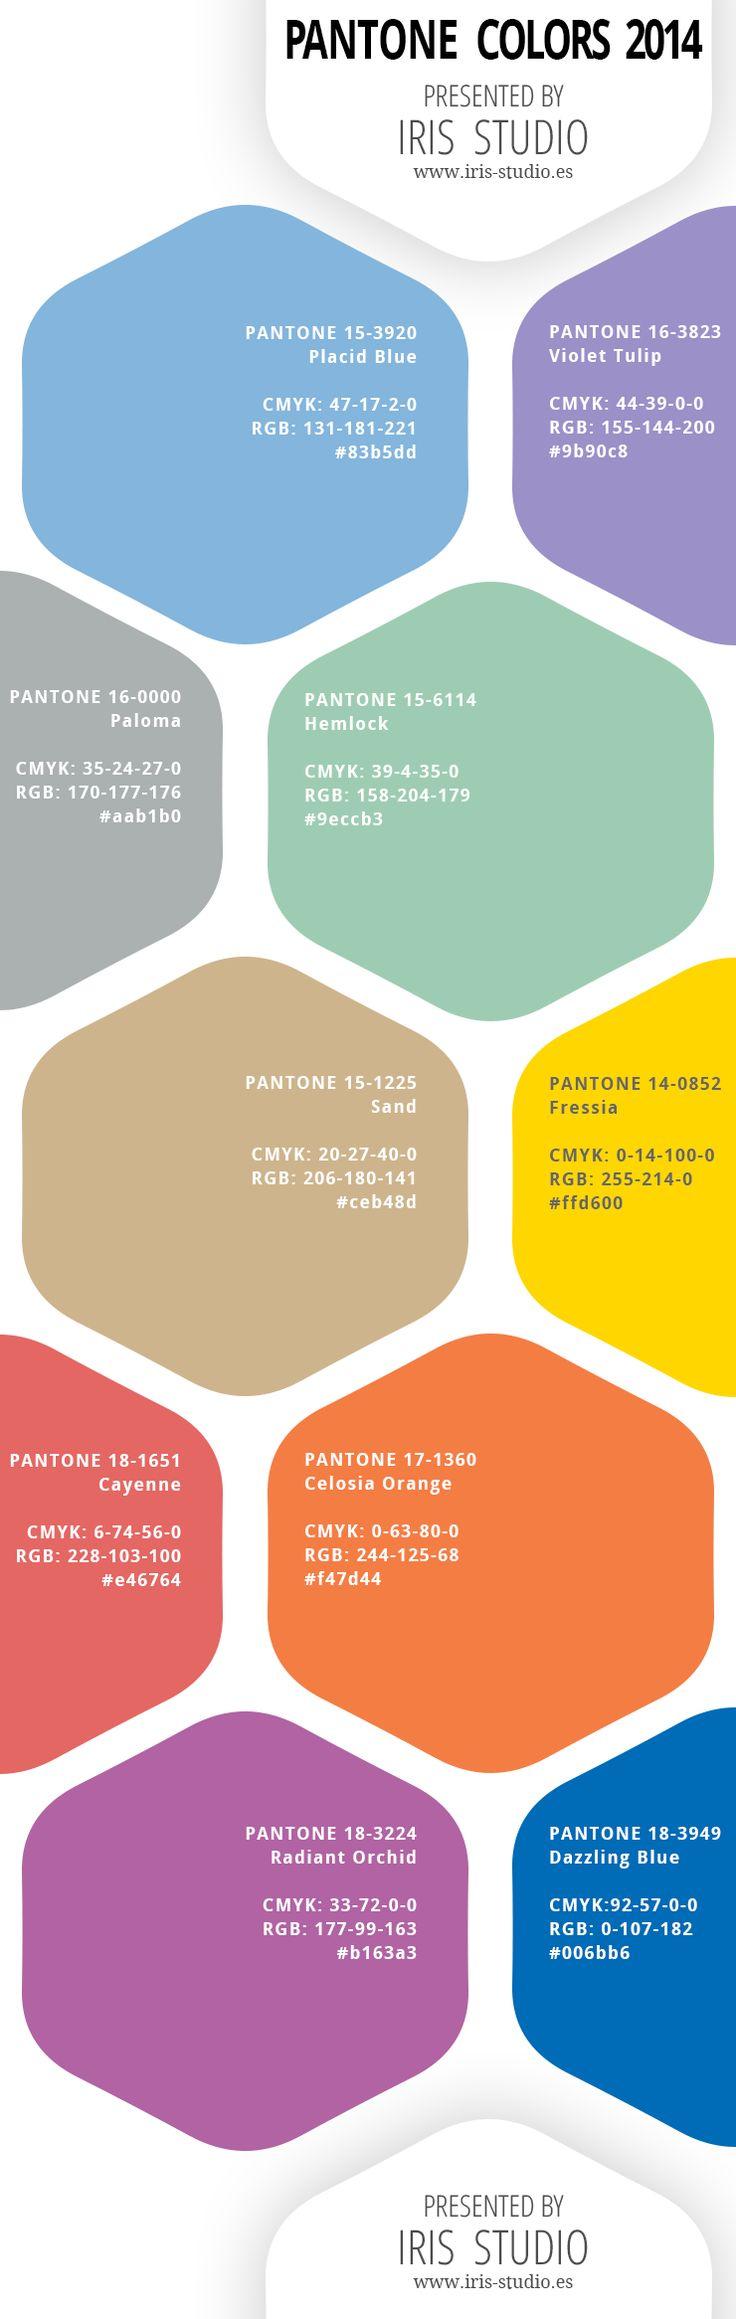 Colores para la primavera 2014 pantone según Pantone. Con códigos de colores CMYK, RGB y Hex.